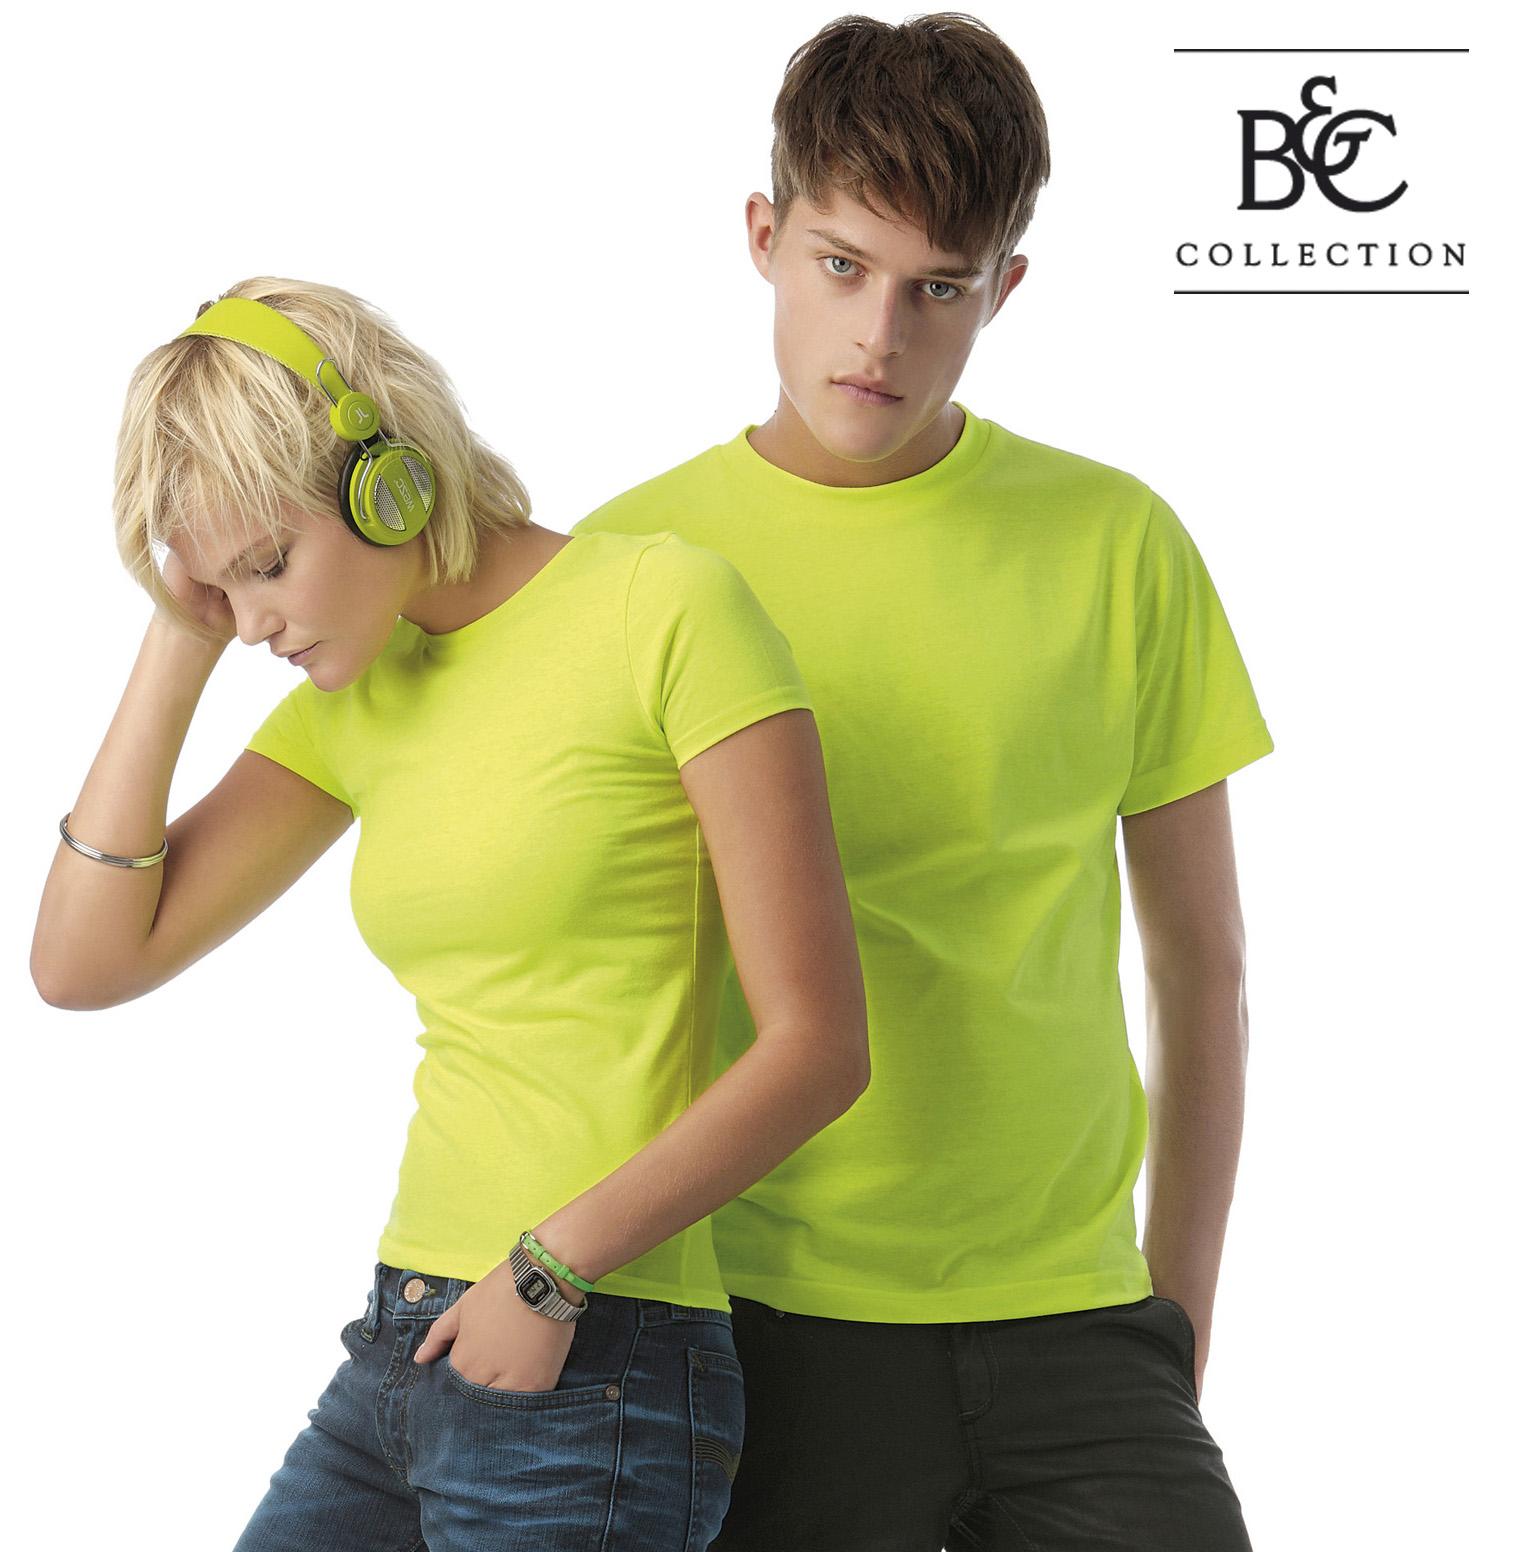 vrijetijdsschoenen verkoop usa online nieuwe levensstijl T-shirt in fluoriserende kleuren, funny shirt, shirt shop, tees